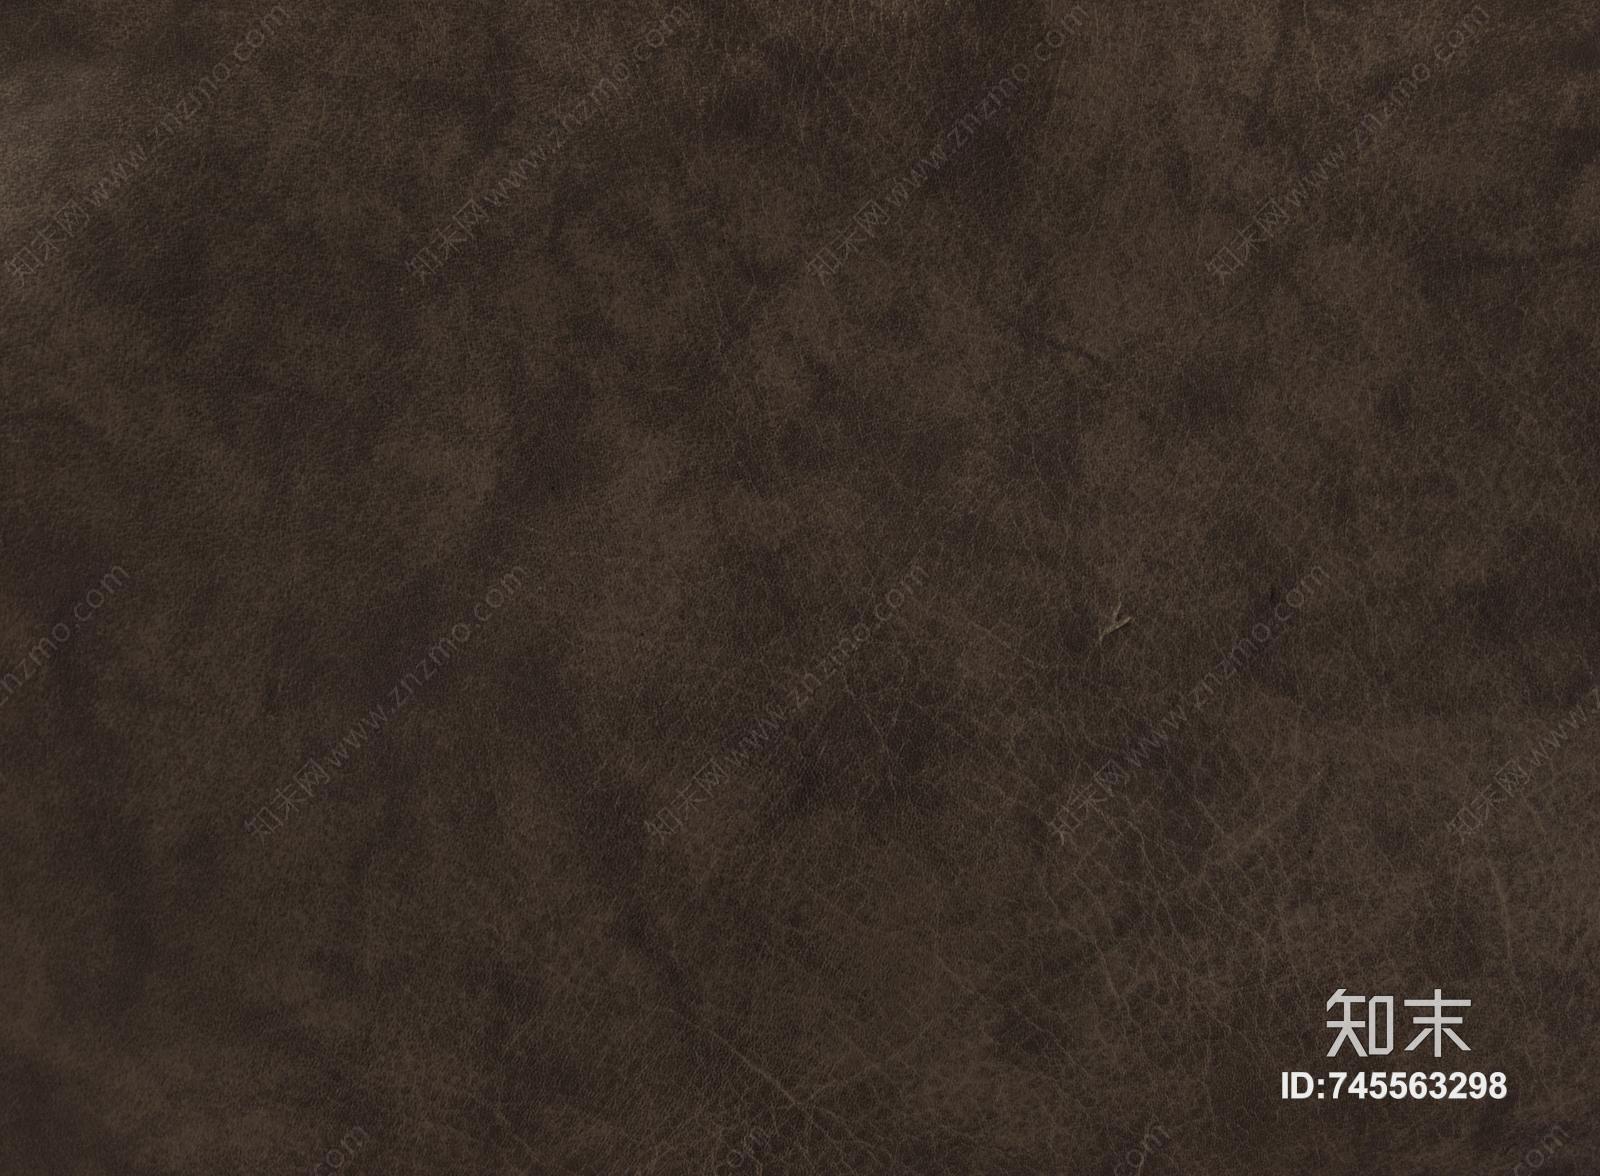 咖啡色布纹贴图_咖啡色皮纹贴图棕色皮纹贴图下载【ID:745563298】_咖啡色皮纹棕色 ...